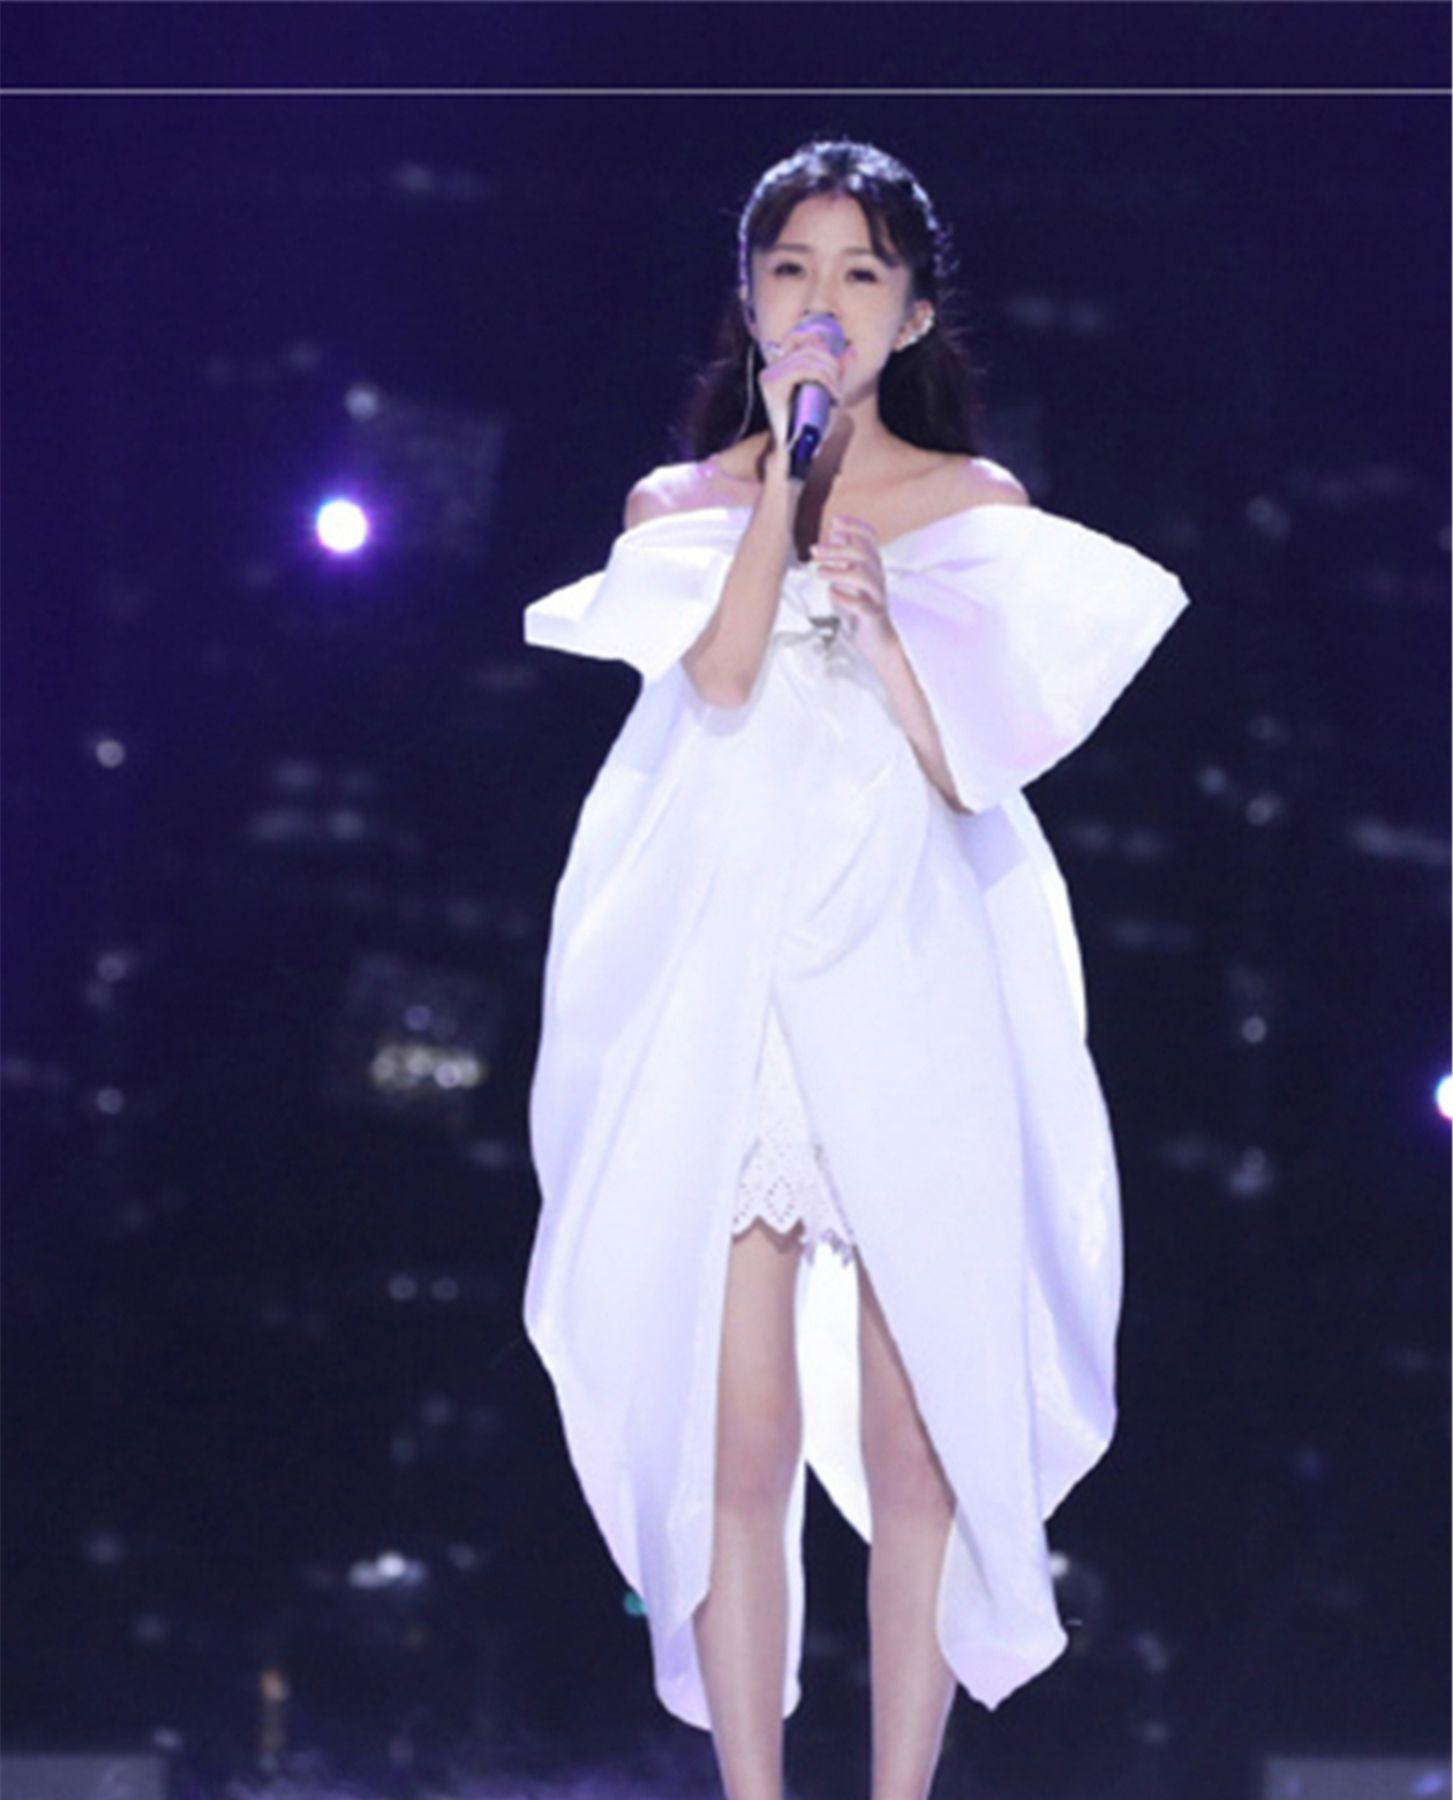 知情人透露,《明日之子3》张钰琪为夺最强厂牌,放弃出国读书